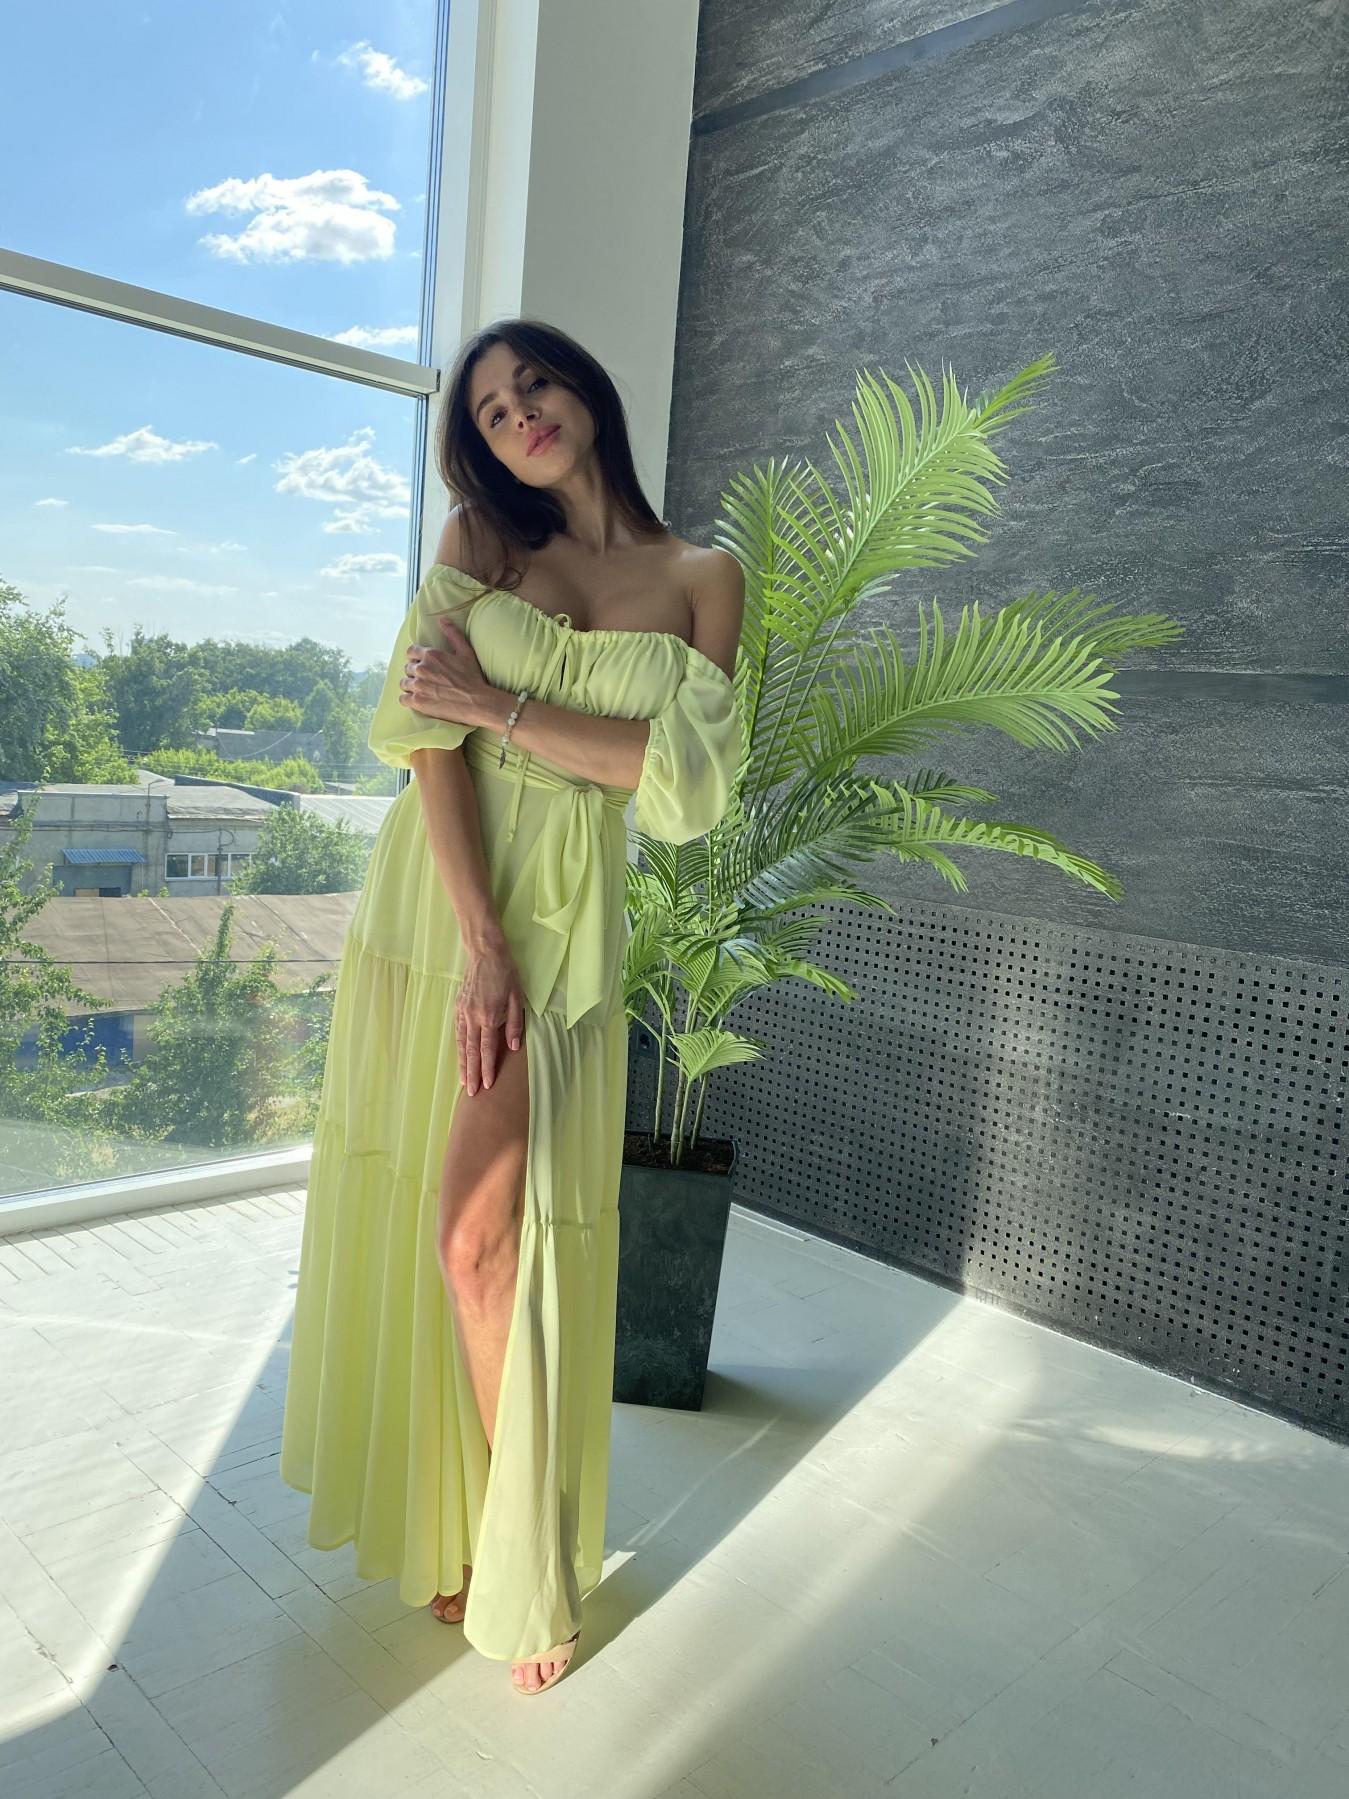 Сейшелы платье креп шифон 11519 АРТ. 48161 Цвет: Желтый - фото 10, интернет магазин tm-modus.ru